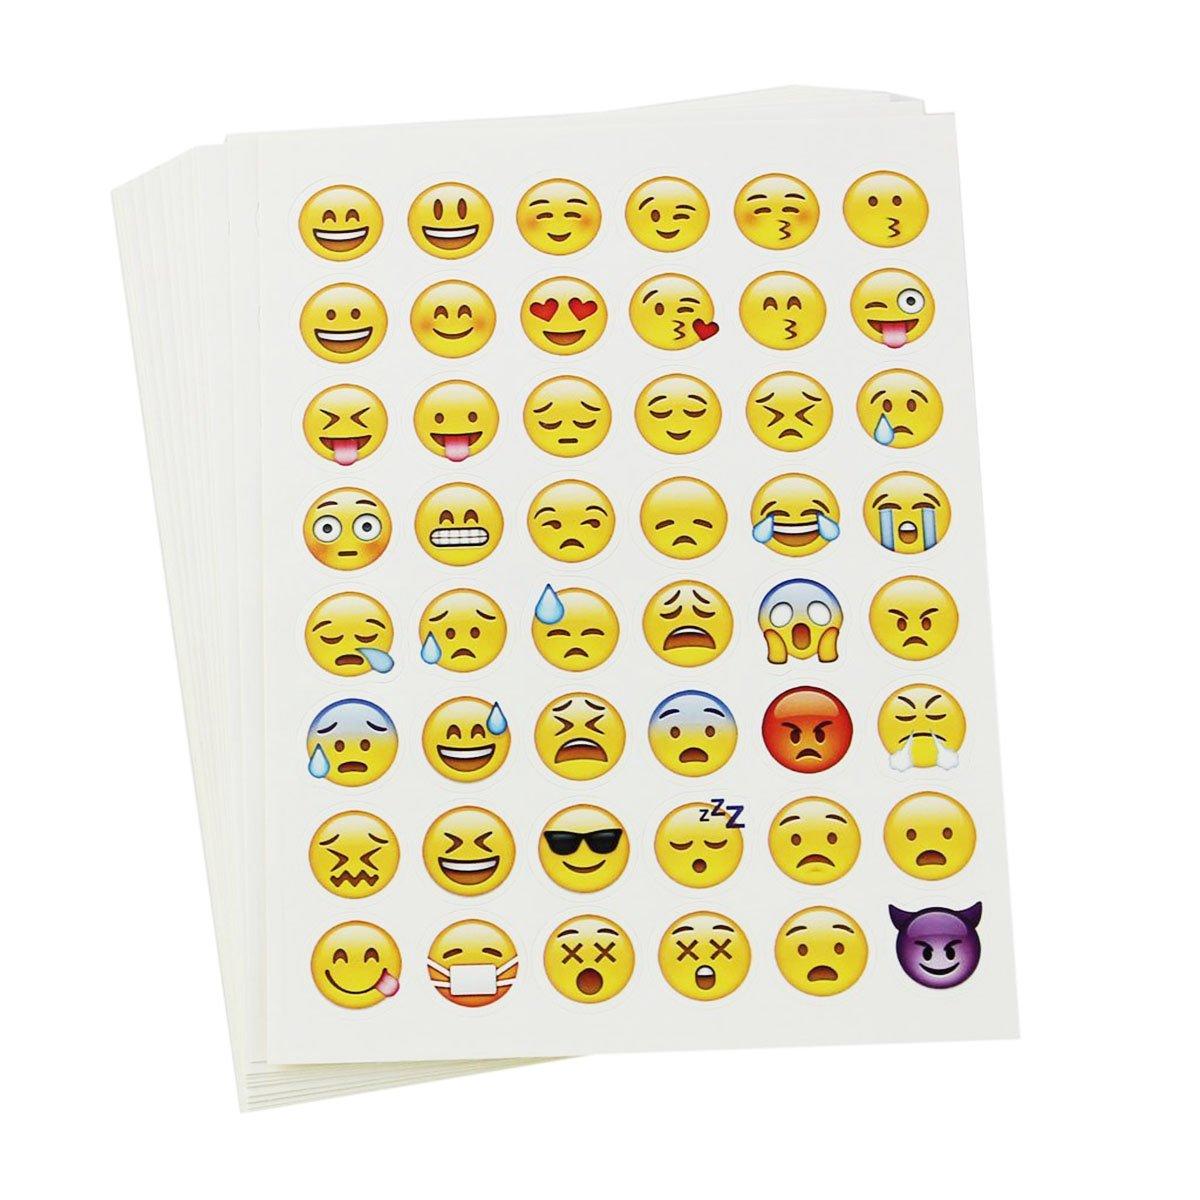 diari quaderni e tanto altro Kit di 20 Adesivi decorativi con Faccine espressive // smile // emoticons OULII per bambini e adulti perfette per decorare il tuo cellulare